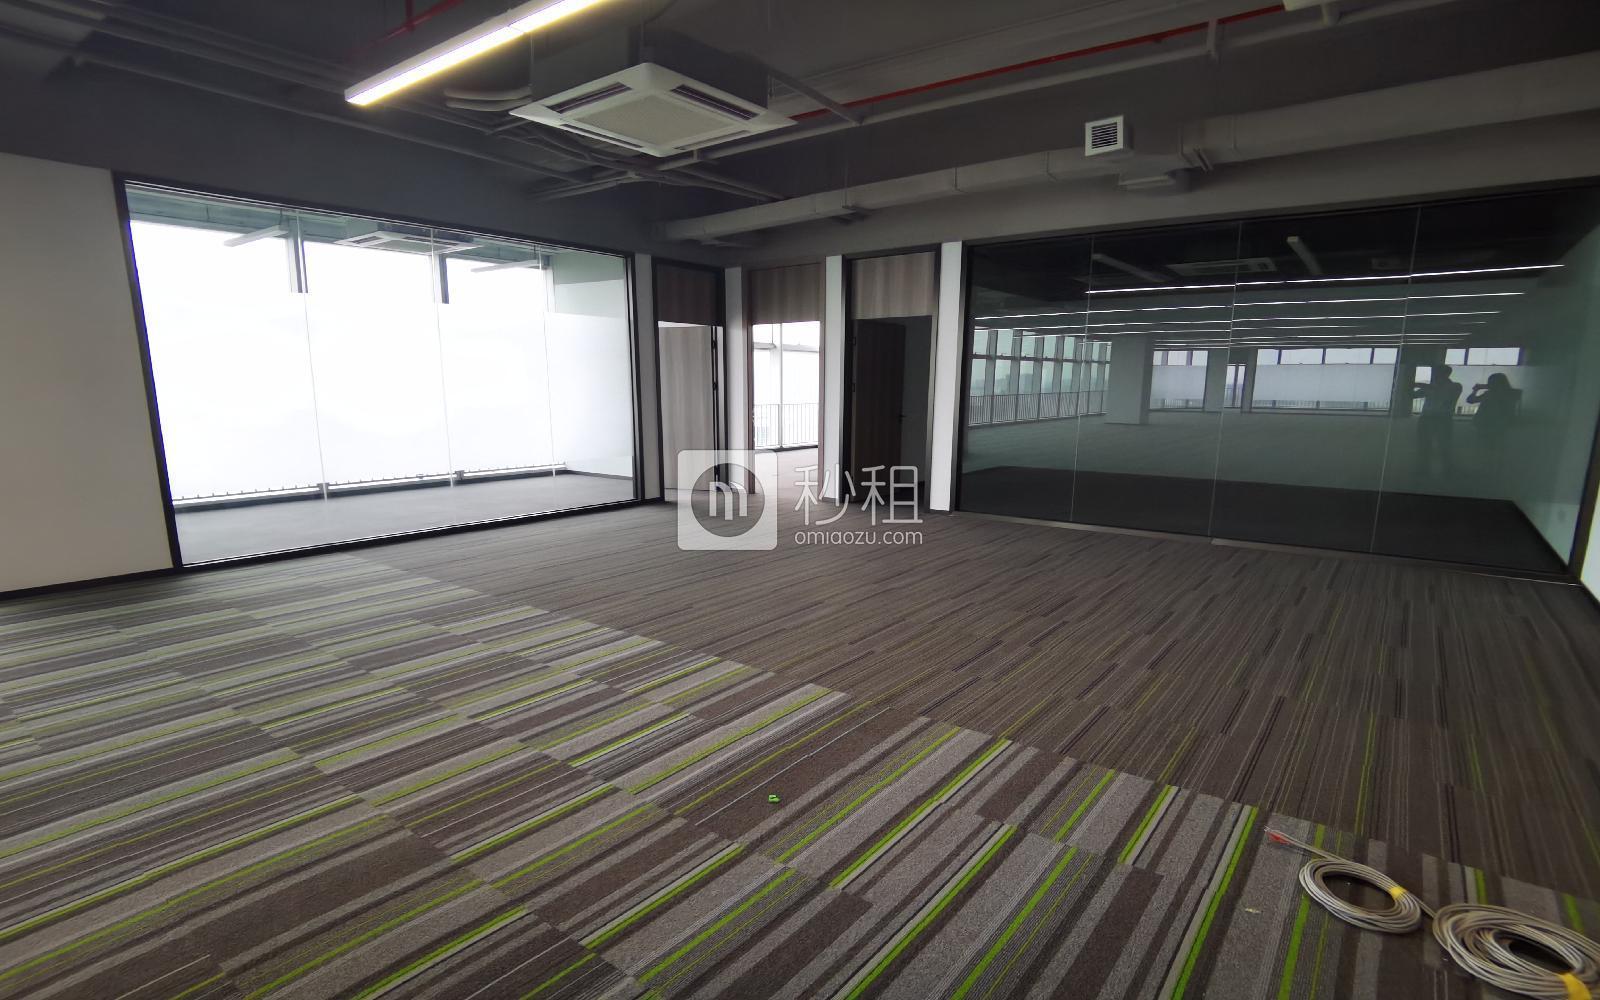 光明-光明 南太云创谷 租金减半 677m²